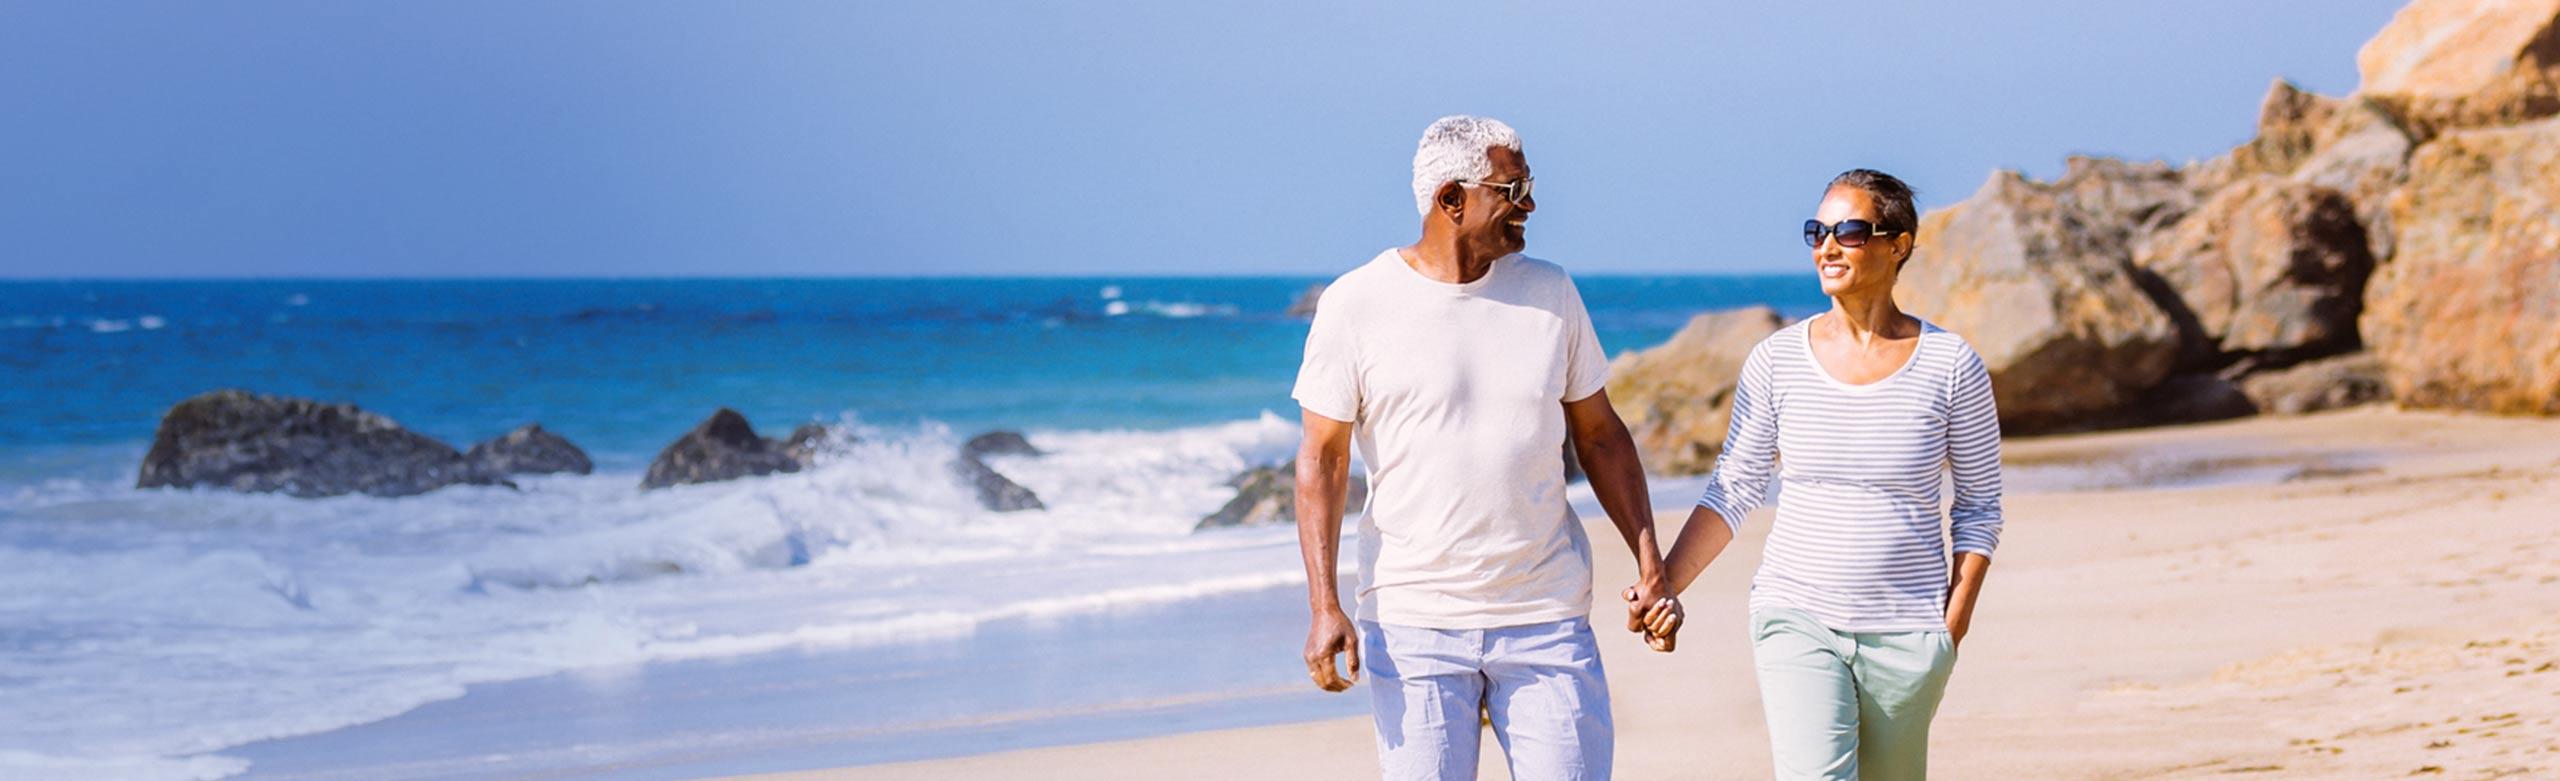 Imagen de una pareja que se coge de la mano en la playa.